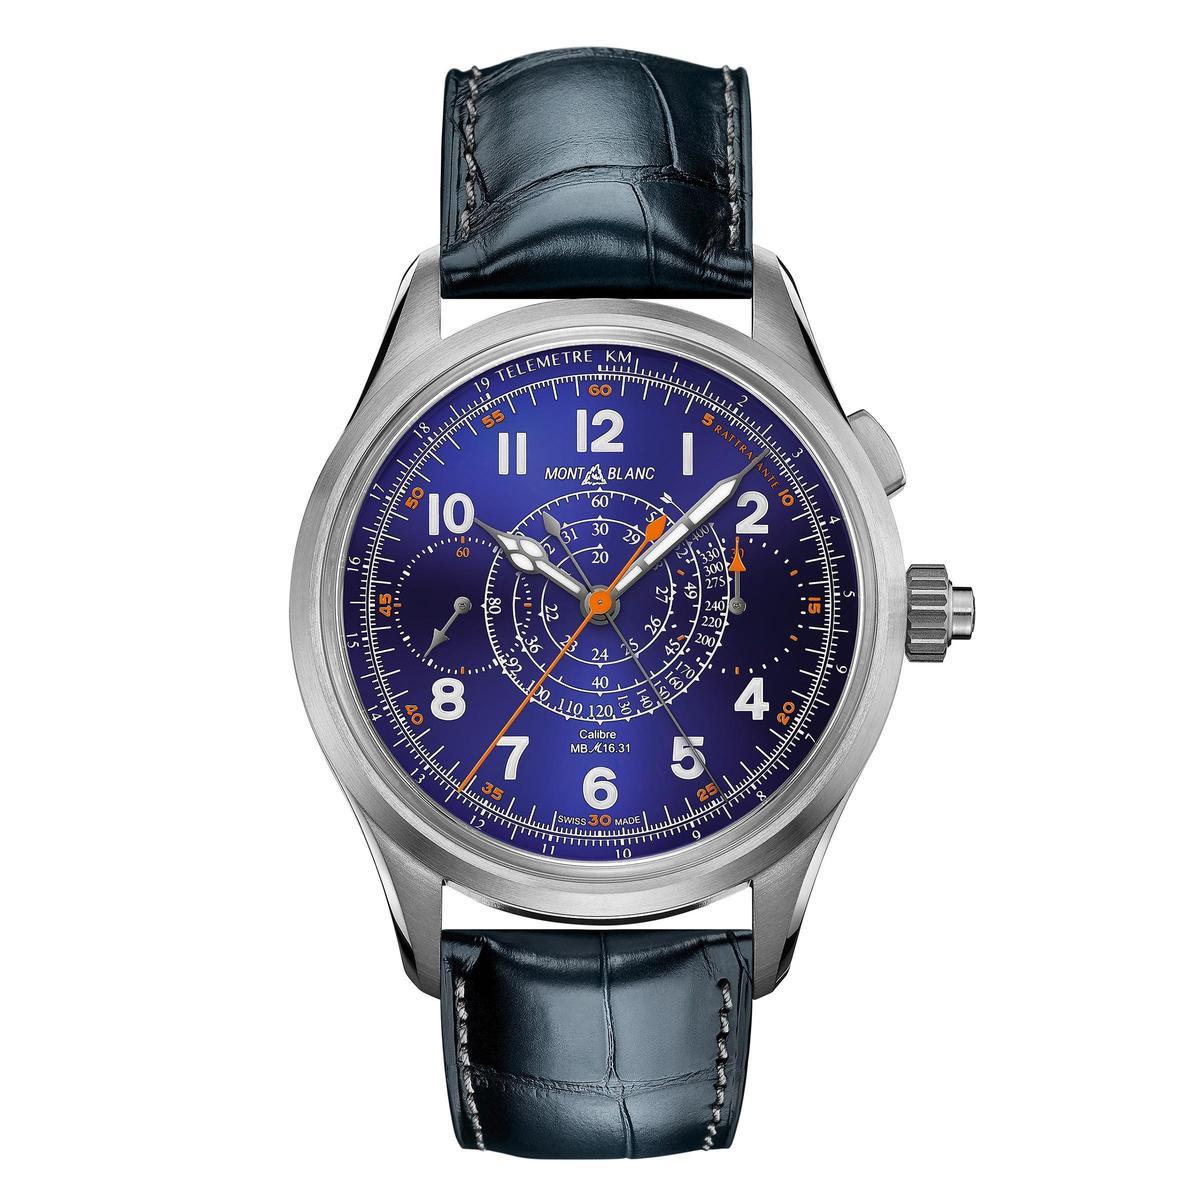 1858系列雙秒追針計時腕錶,鈦金屬材質錶殼配上藍色琺瑯面盤,裝載MB 29.25手上鏈單按把計時機芯。全球限量100只,定價NT$1,137,000。